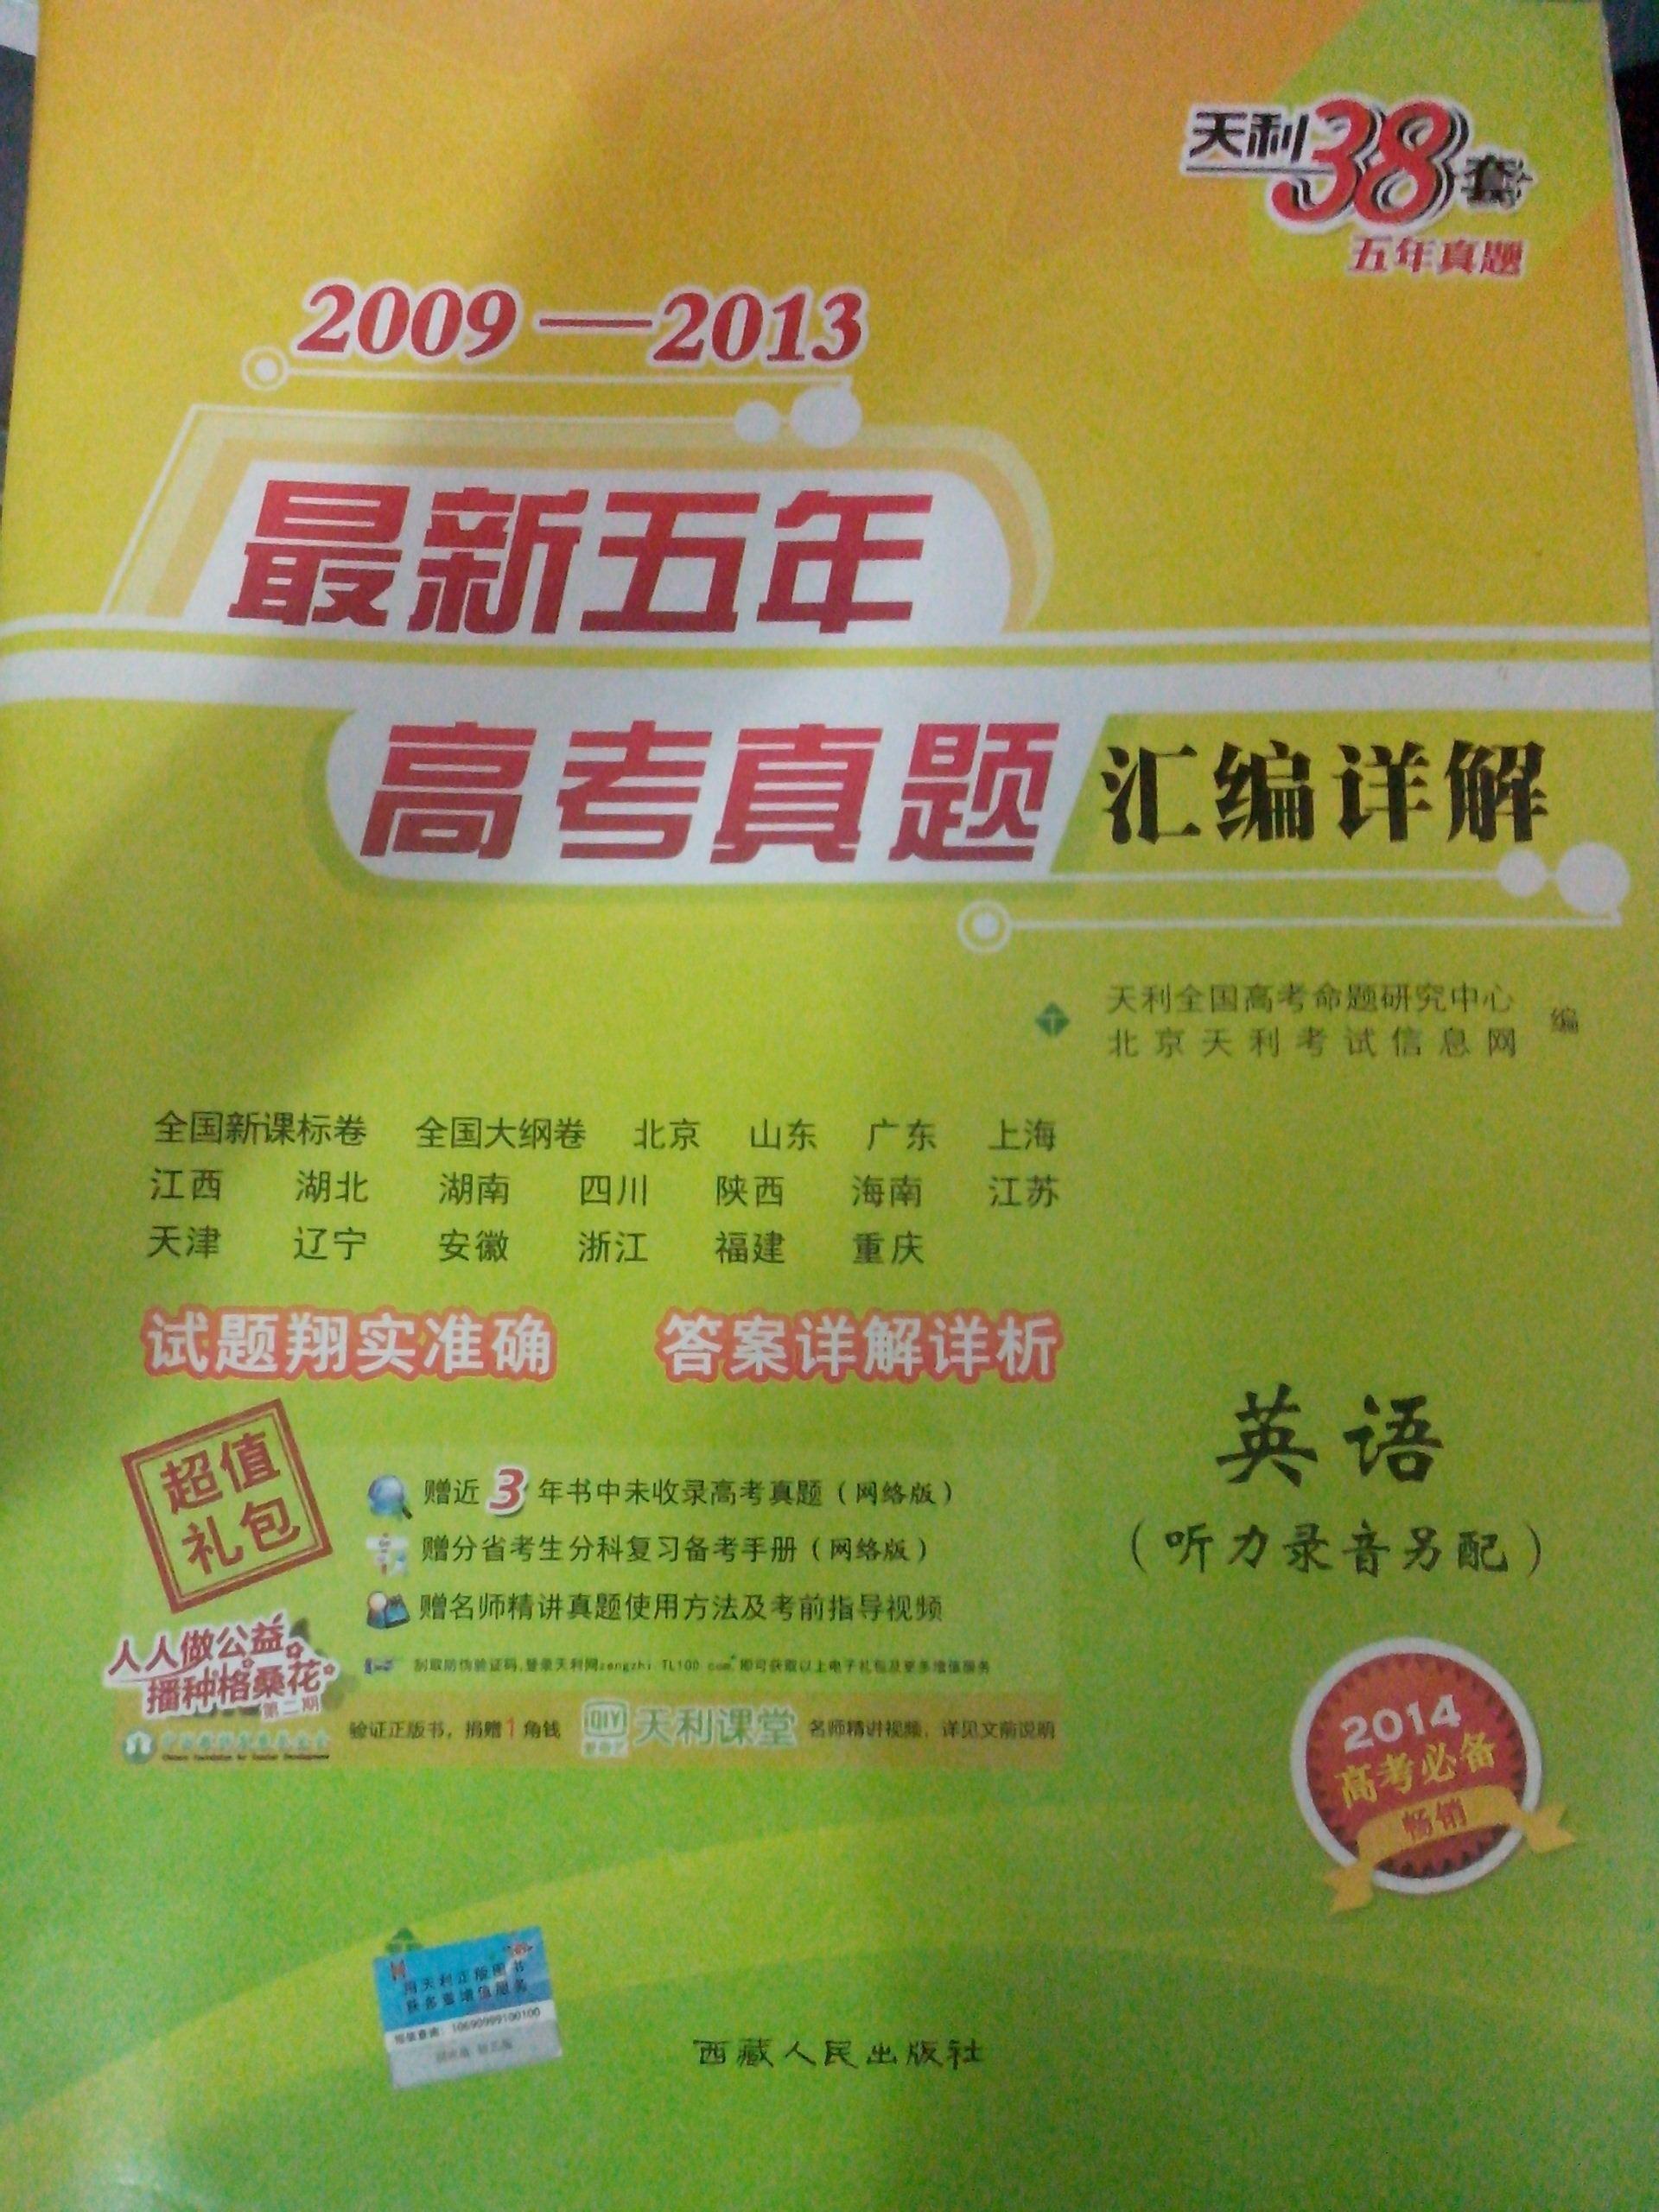 2007年高考英语真题汇编 2007年高考英语真题汇编 寻 04 10年高考英